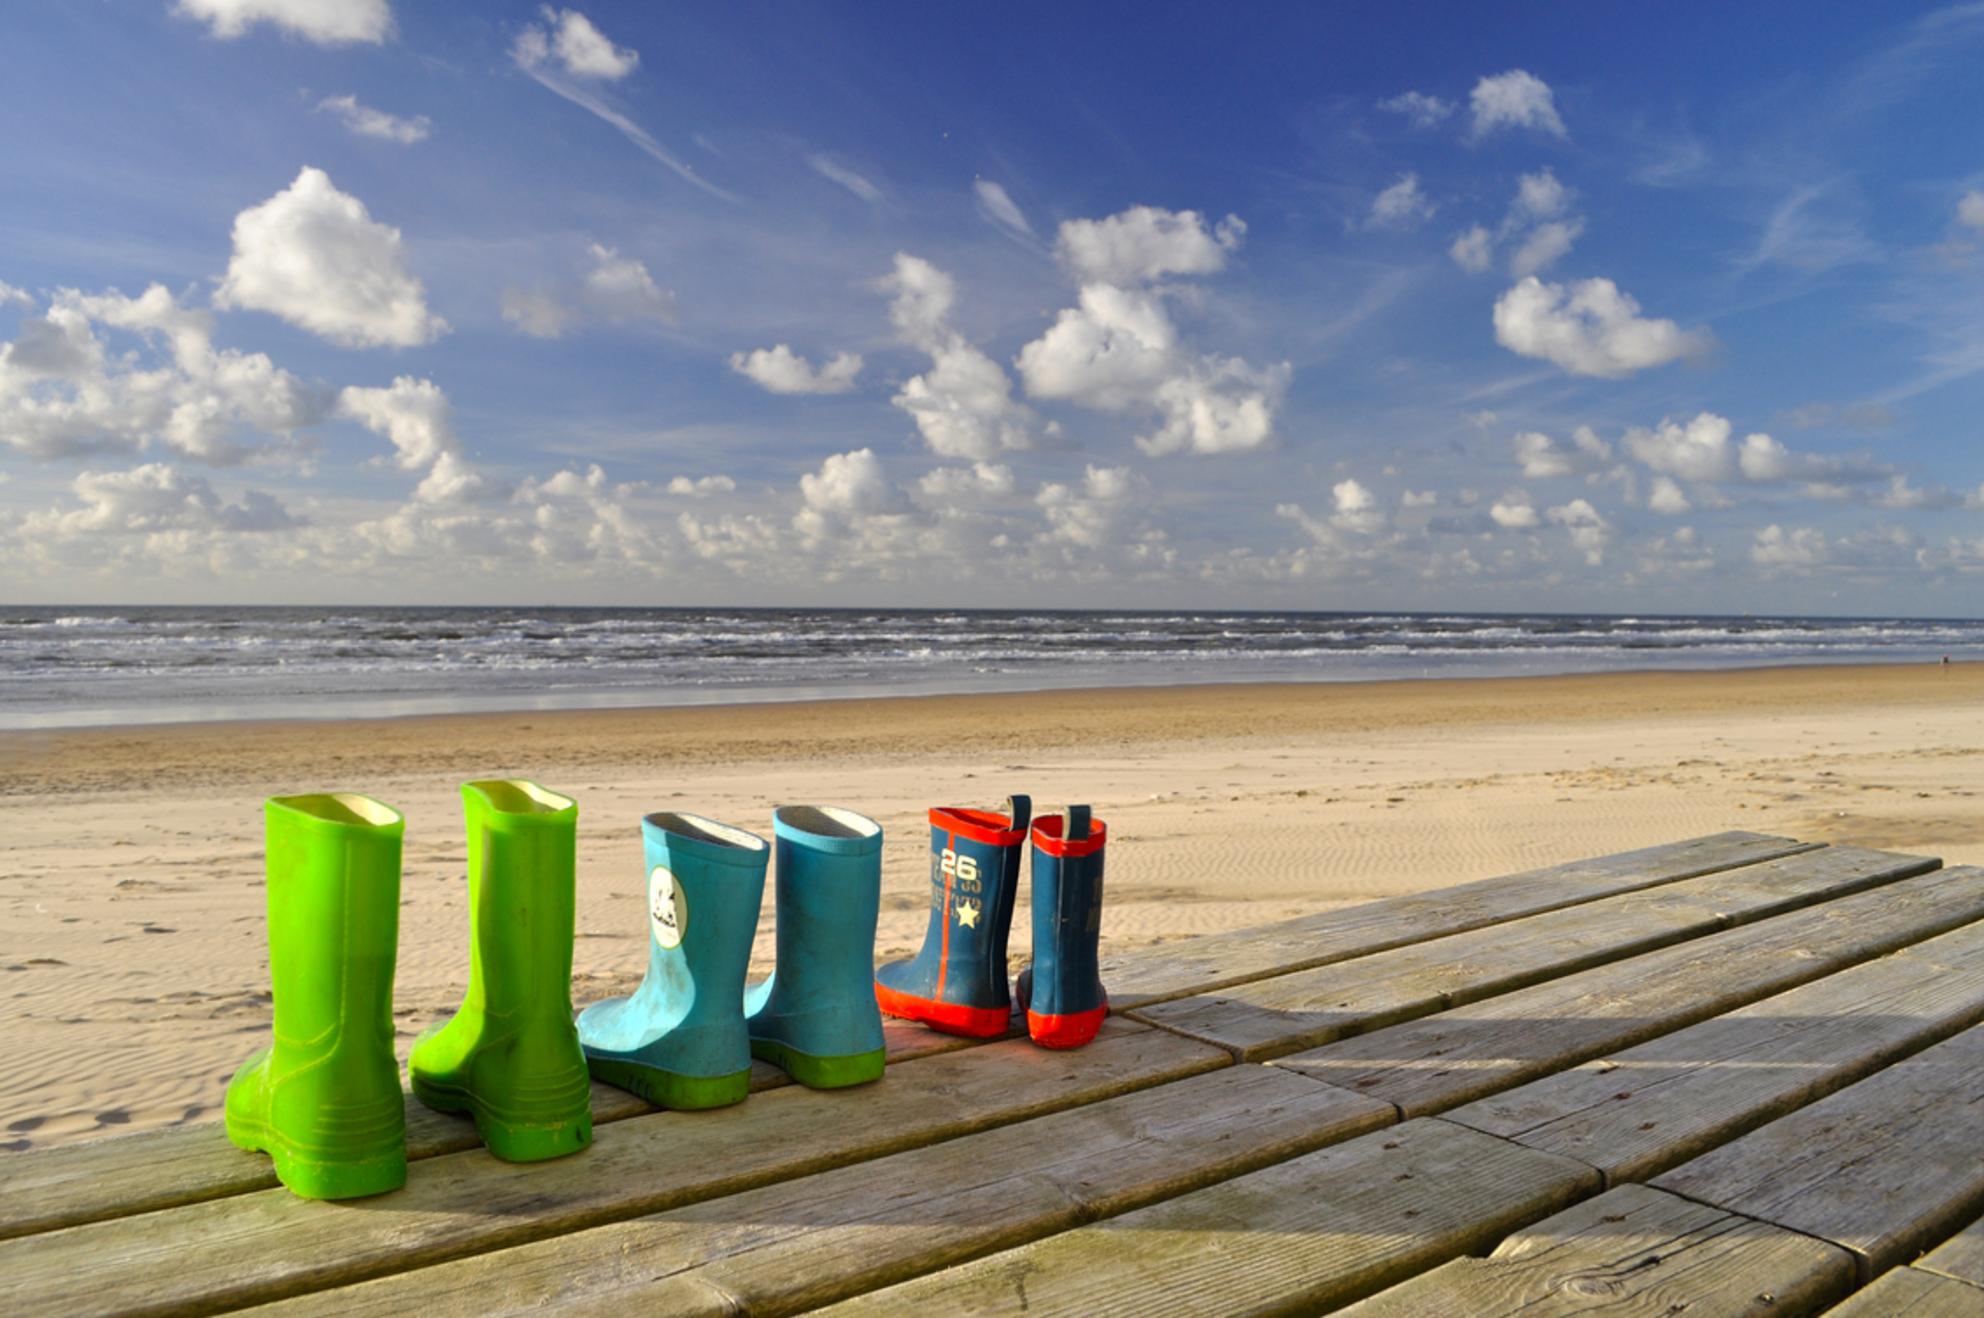 Boots at the beach - In opdracht van .... - foto door mclc op 10-11-2013 - deze foto bevat: zon, strand, sun, laarzen, zand, beach, boots, sand - Deze foto mag gebruikt worden in een Zoom.nl publicatie